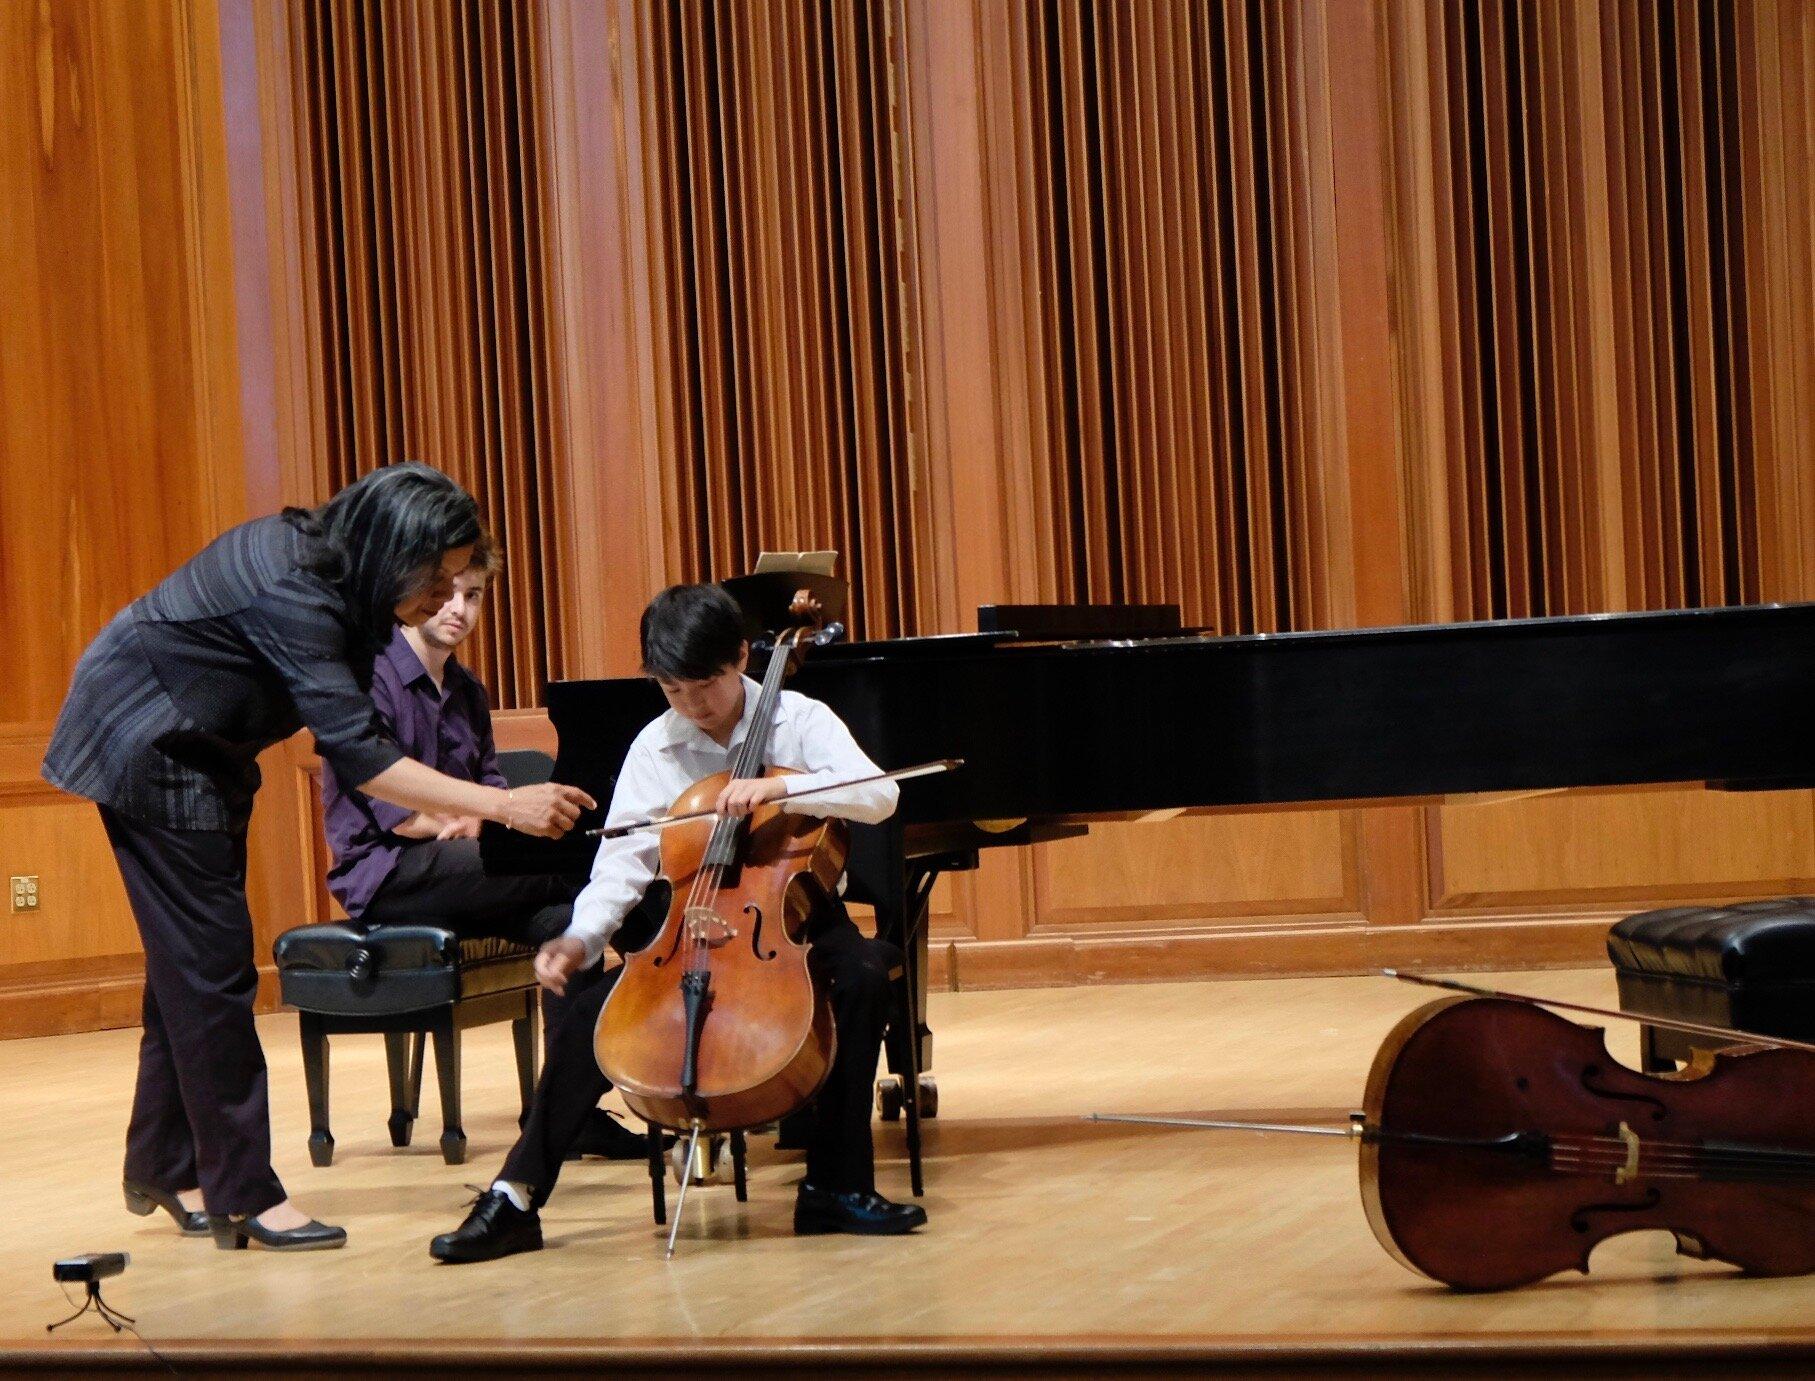 Astrid Schween Cello Masterclass